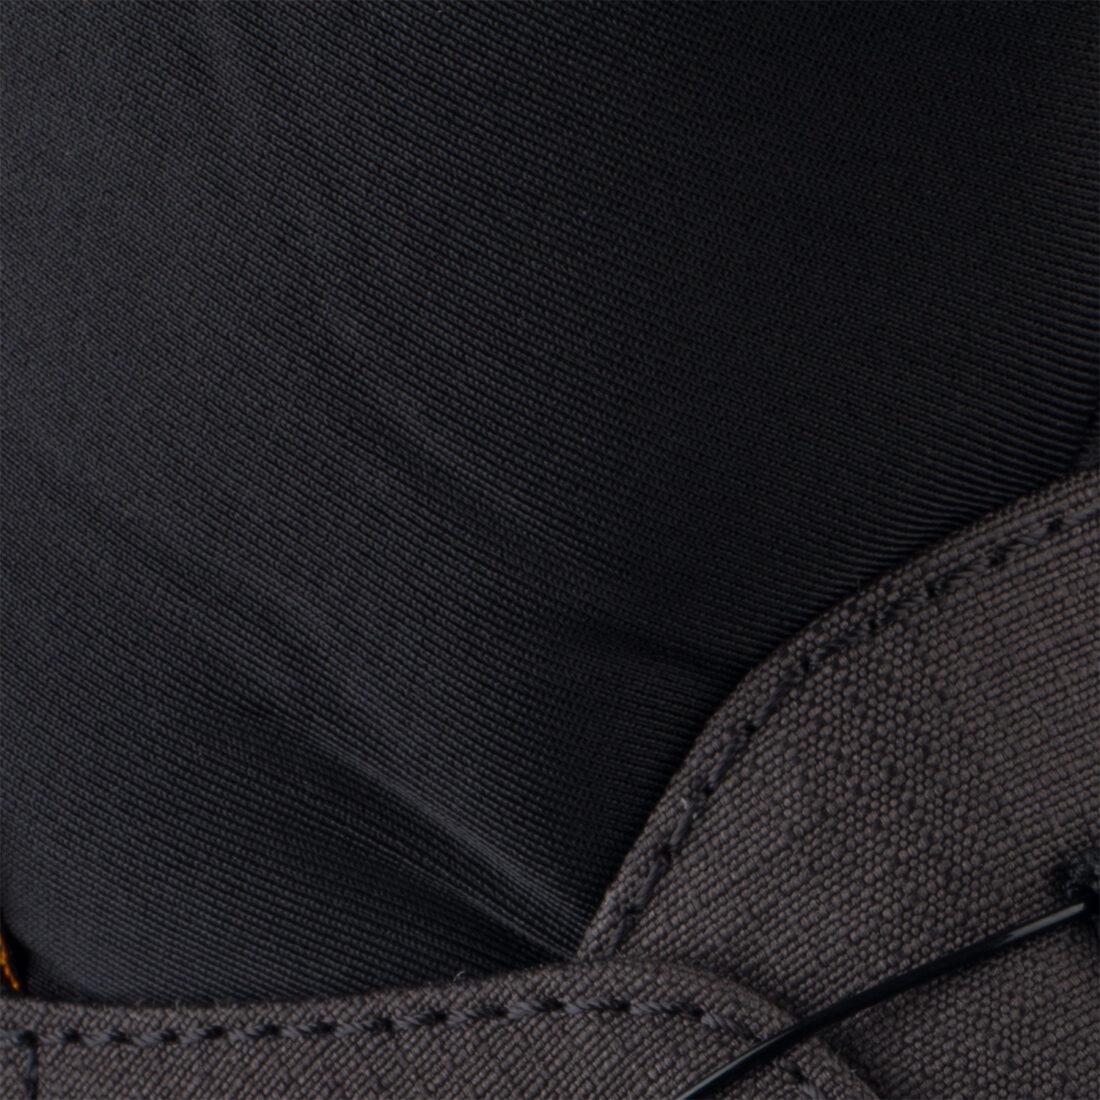 Foto del prodotto prima della post-produzione: ci sono pieghe nel tessuto e di conseguenza zone di luce e ombra discontinue